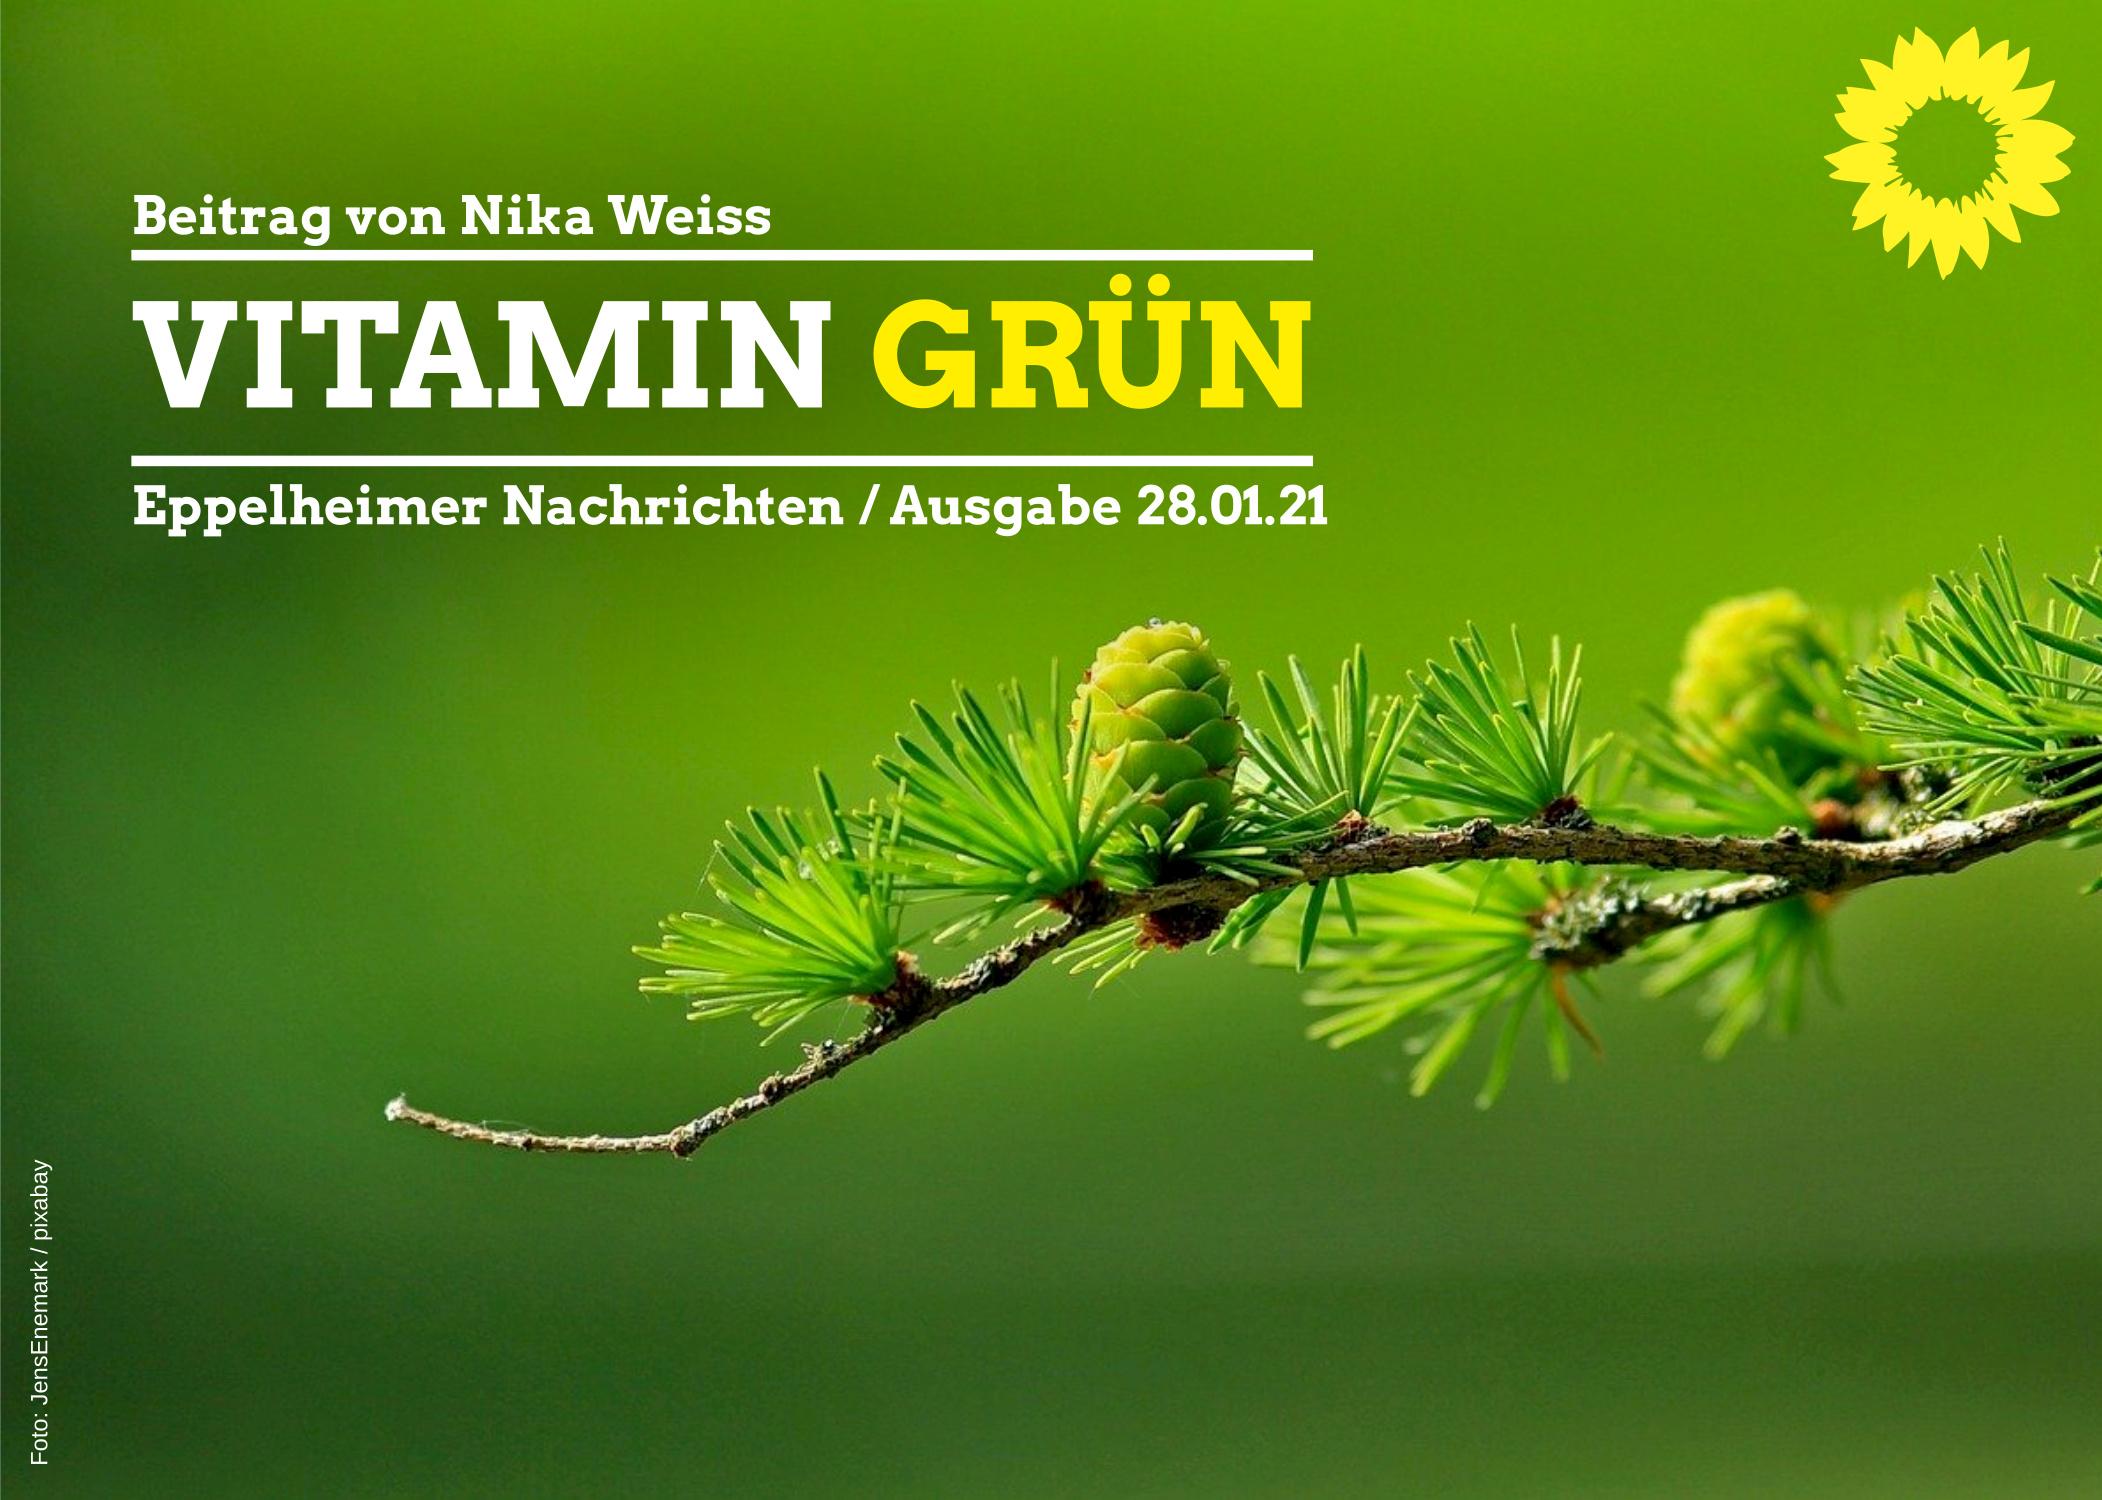 Vitamin Grün